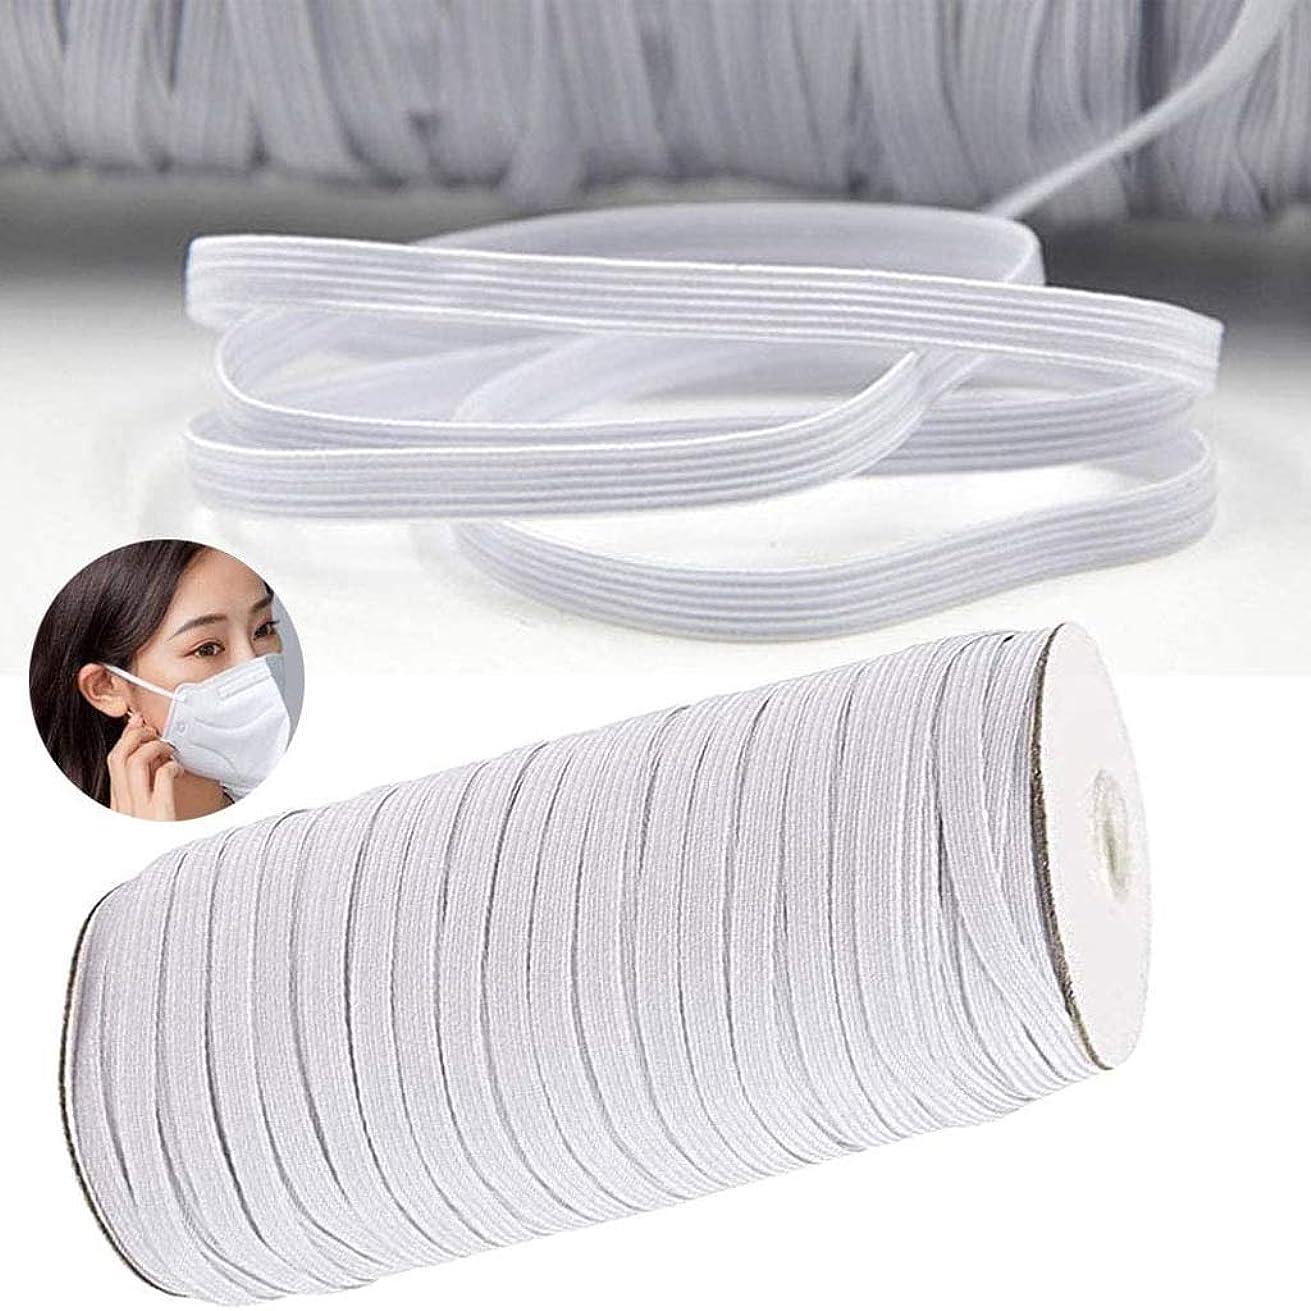 免疫愛宴会縫製DIY用ホワイト弾性コード1/8インチ編組フラットゴムバンドヘビーストレッチニット弾性スプールロープベッドカバーウエストバンドマスク(200Yards)